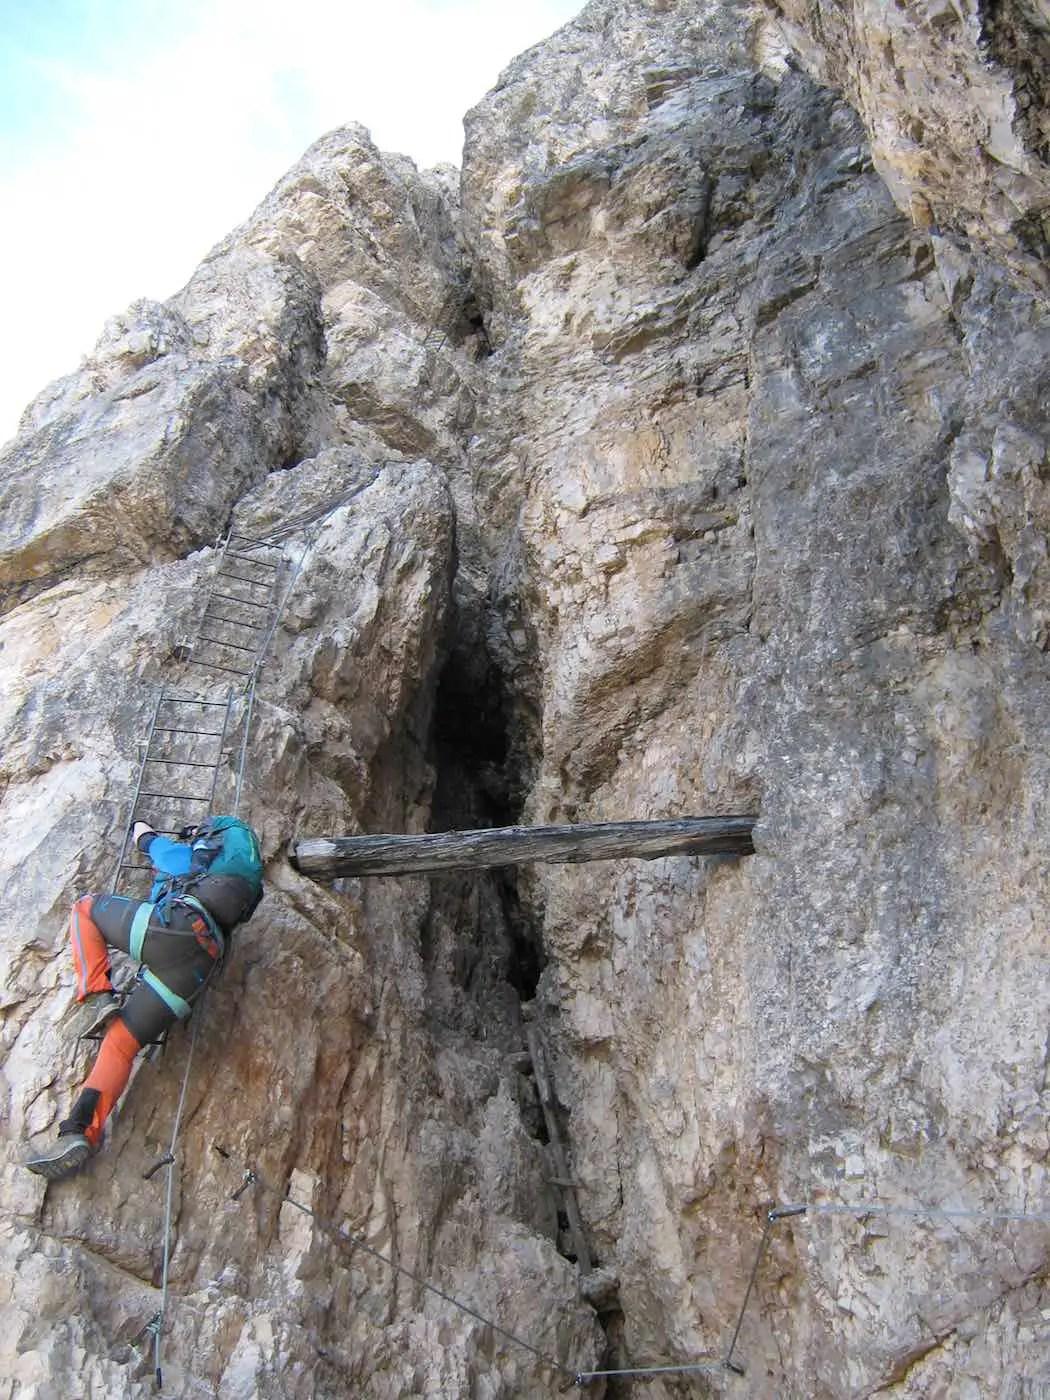 Die Top-Klettersteige des vergangenen Jahres